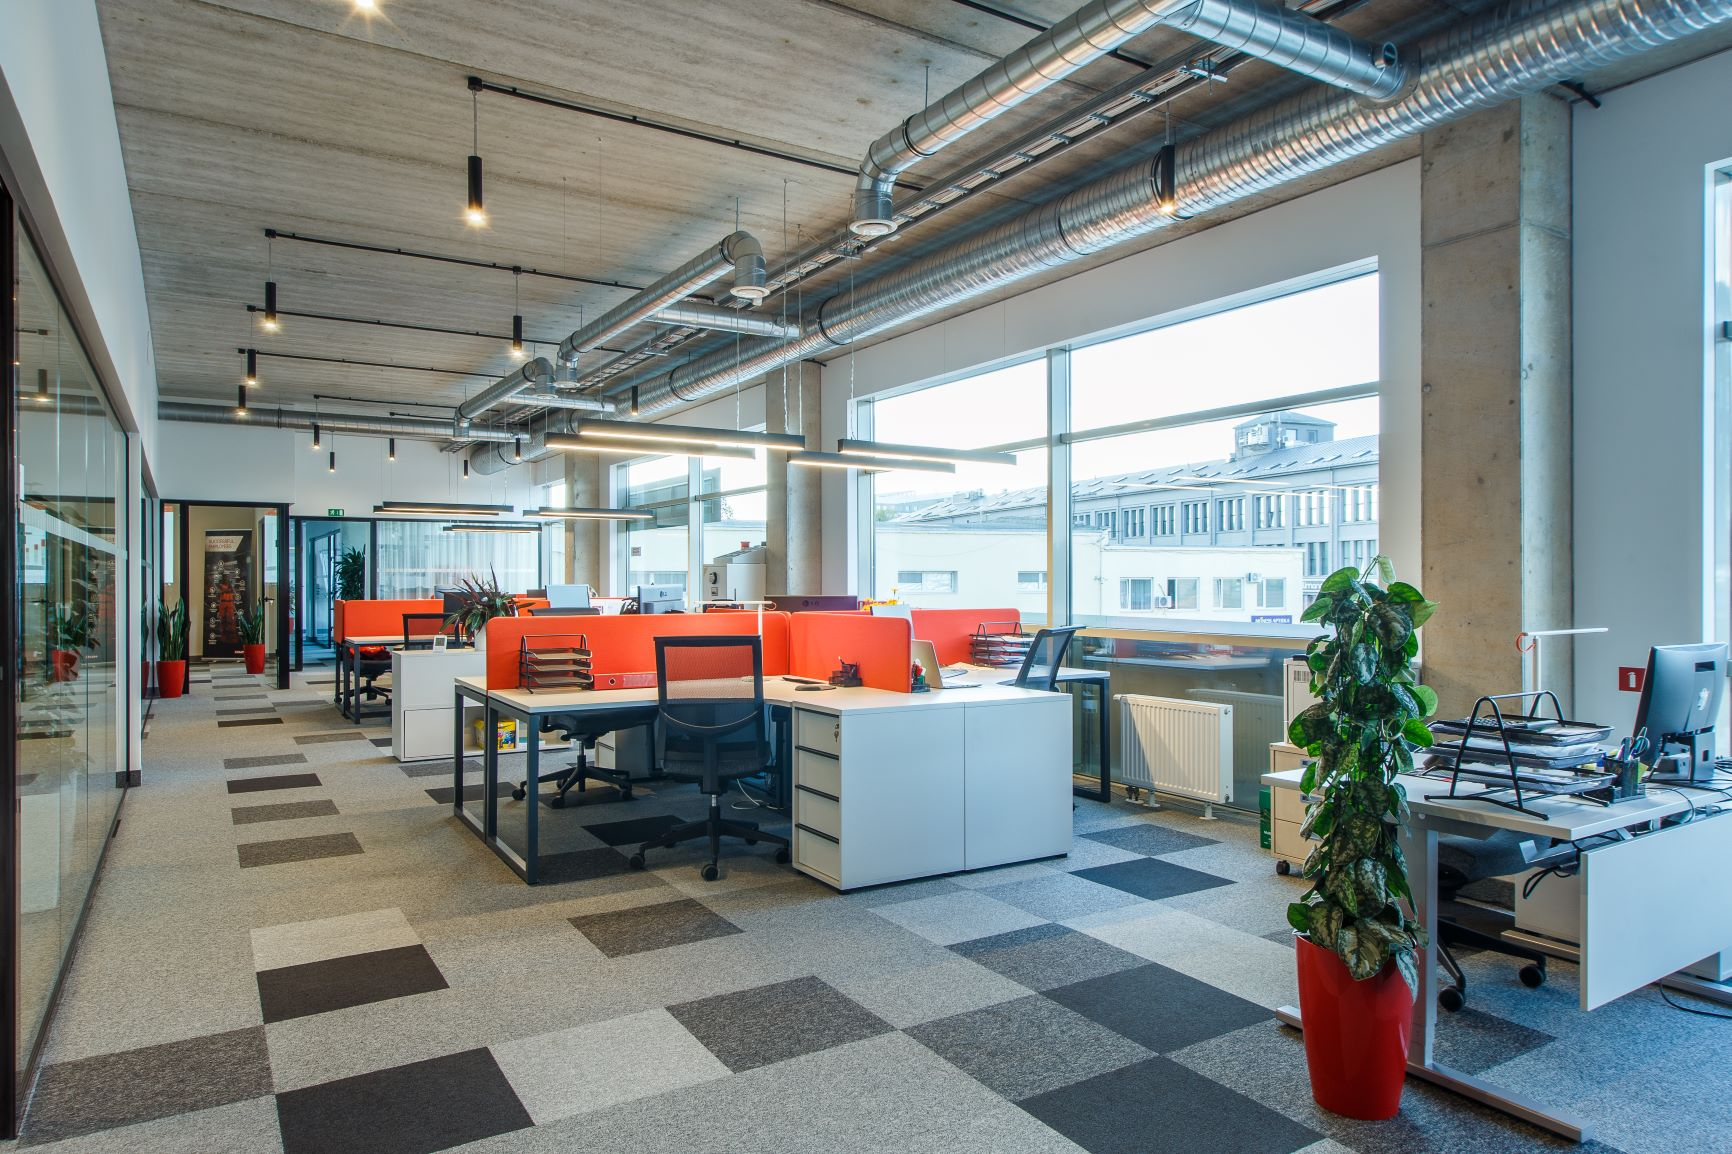 Hilti birojs ar darba vietām, kas sastāv no stūra galdiem, ietilpīgiem atvilktņu blokiem un ergonomiskiem biroja krēsliem